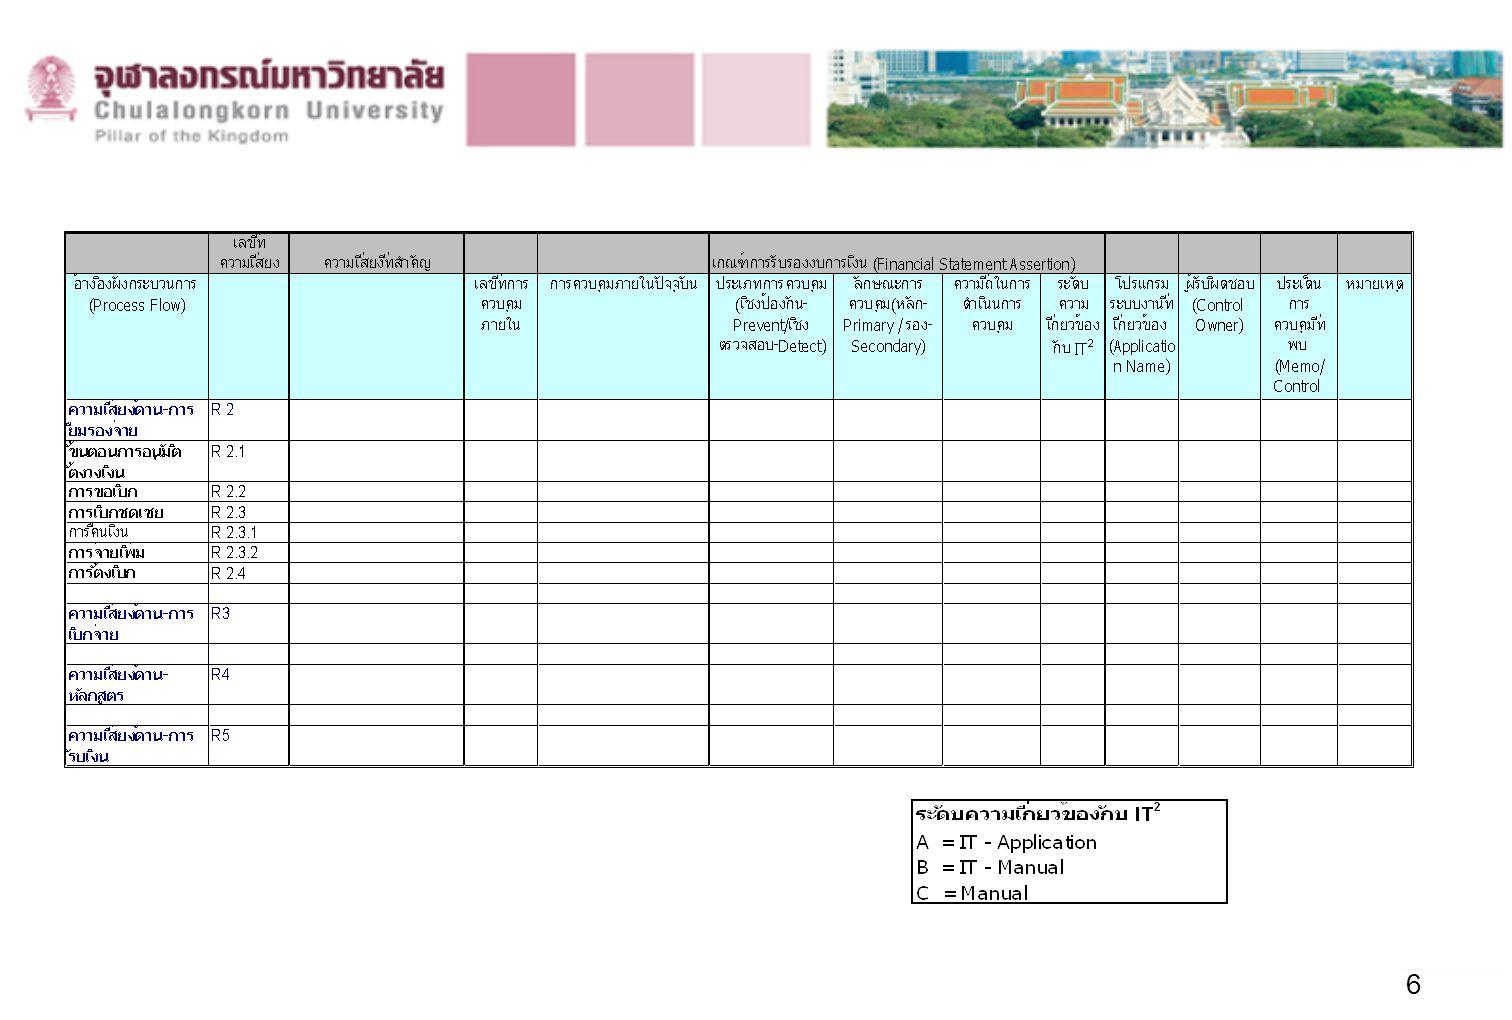 7 ตัวอย่างเช่น กระบวนงานด้านการยืมเงินรองจ่าย (R 2) ให้ Walk Through ไปที่หน่วยรับตรวจ เพื่อศึกษากระบวนงาน ด้านการยืมเงินรองจ่าย แล้วนำมาจัดทำผังกระบวนงาน (Flow Chart) ด้วย VISIO แล้ว หลังจากจัดทำผังกระบวนงาน (Flow Chart) ด้วย VISIO แล้วให้ ทำการวิเคราะห์ความเสี่ยงทีละกิจกรรม ถ้าพบว่ากิจกรรมใด (Activity Type) ในกระบวนงานนี้ มีความเสี่ยง ให้ใส่หมายเลขความเสี่ยงไว้ในผังกระบวนงาน